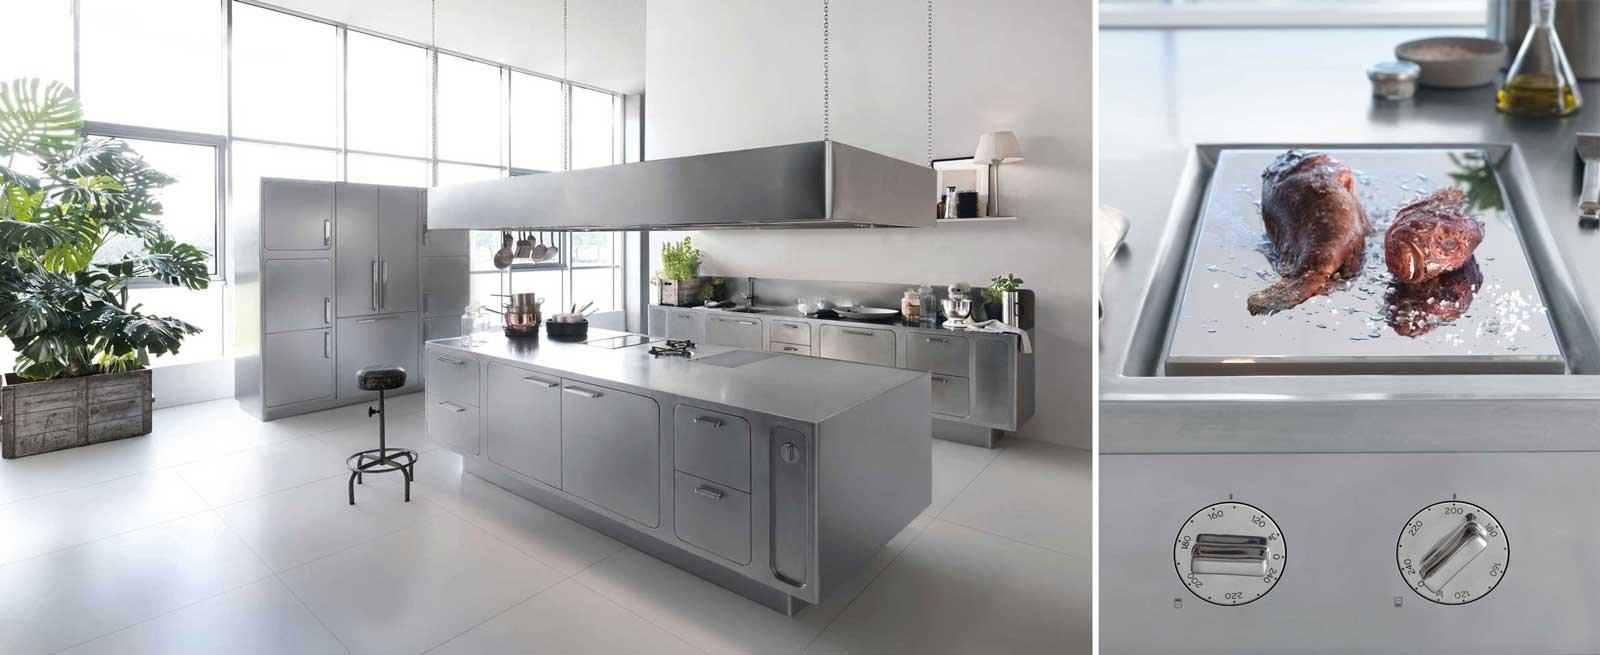 Progettare bene la cucina per aspiranti chef cose di casa - Utensili cucina professionali ...